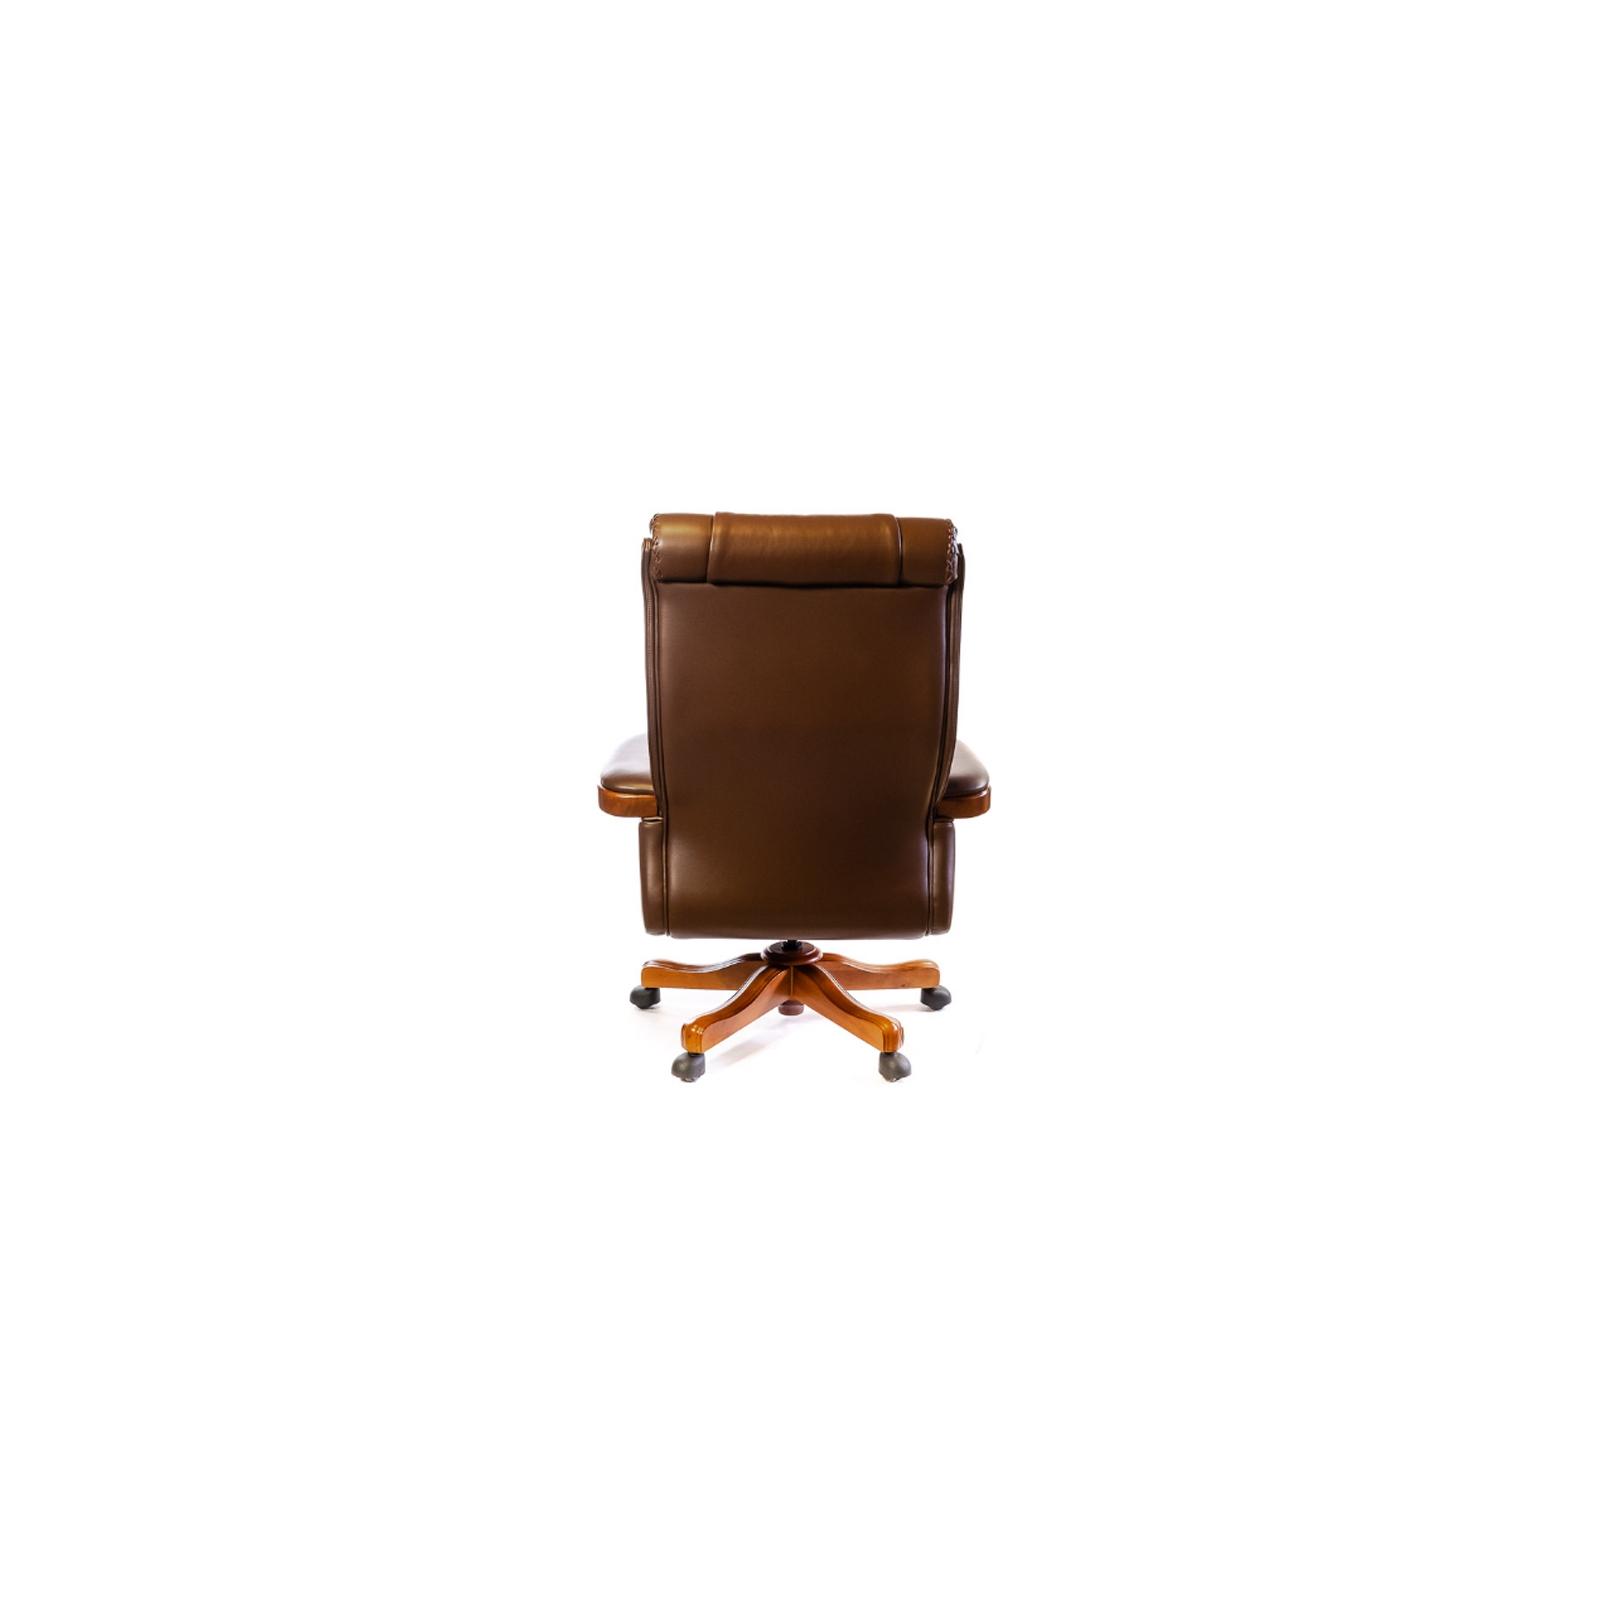 Офисное кресло Аклас Морион EX D-Tilt Коричневое (13627) изображение 5